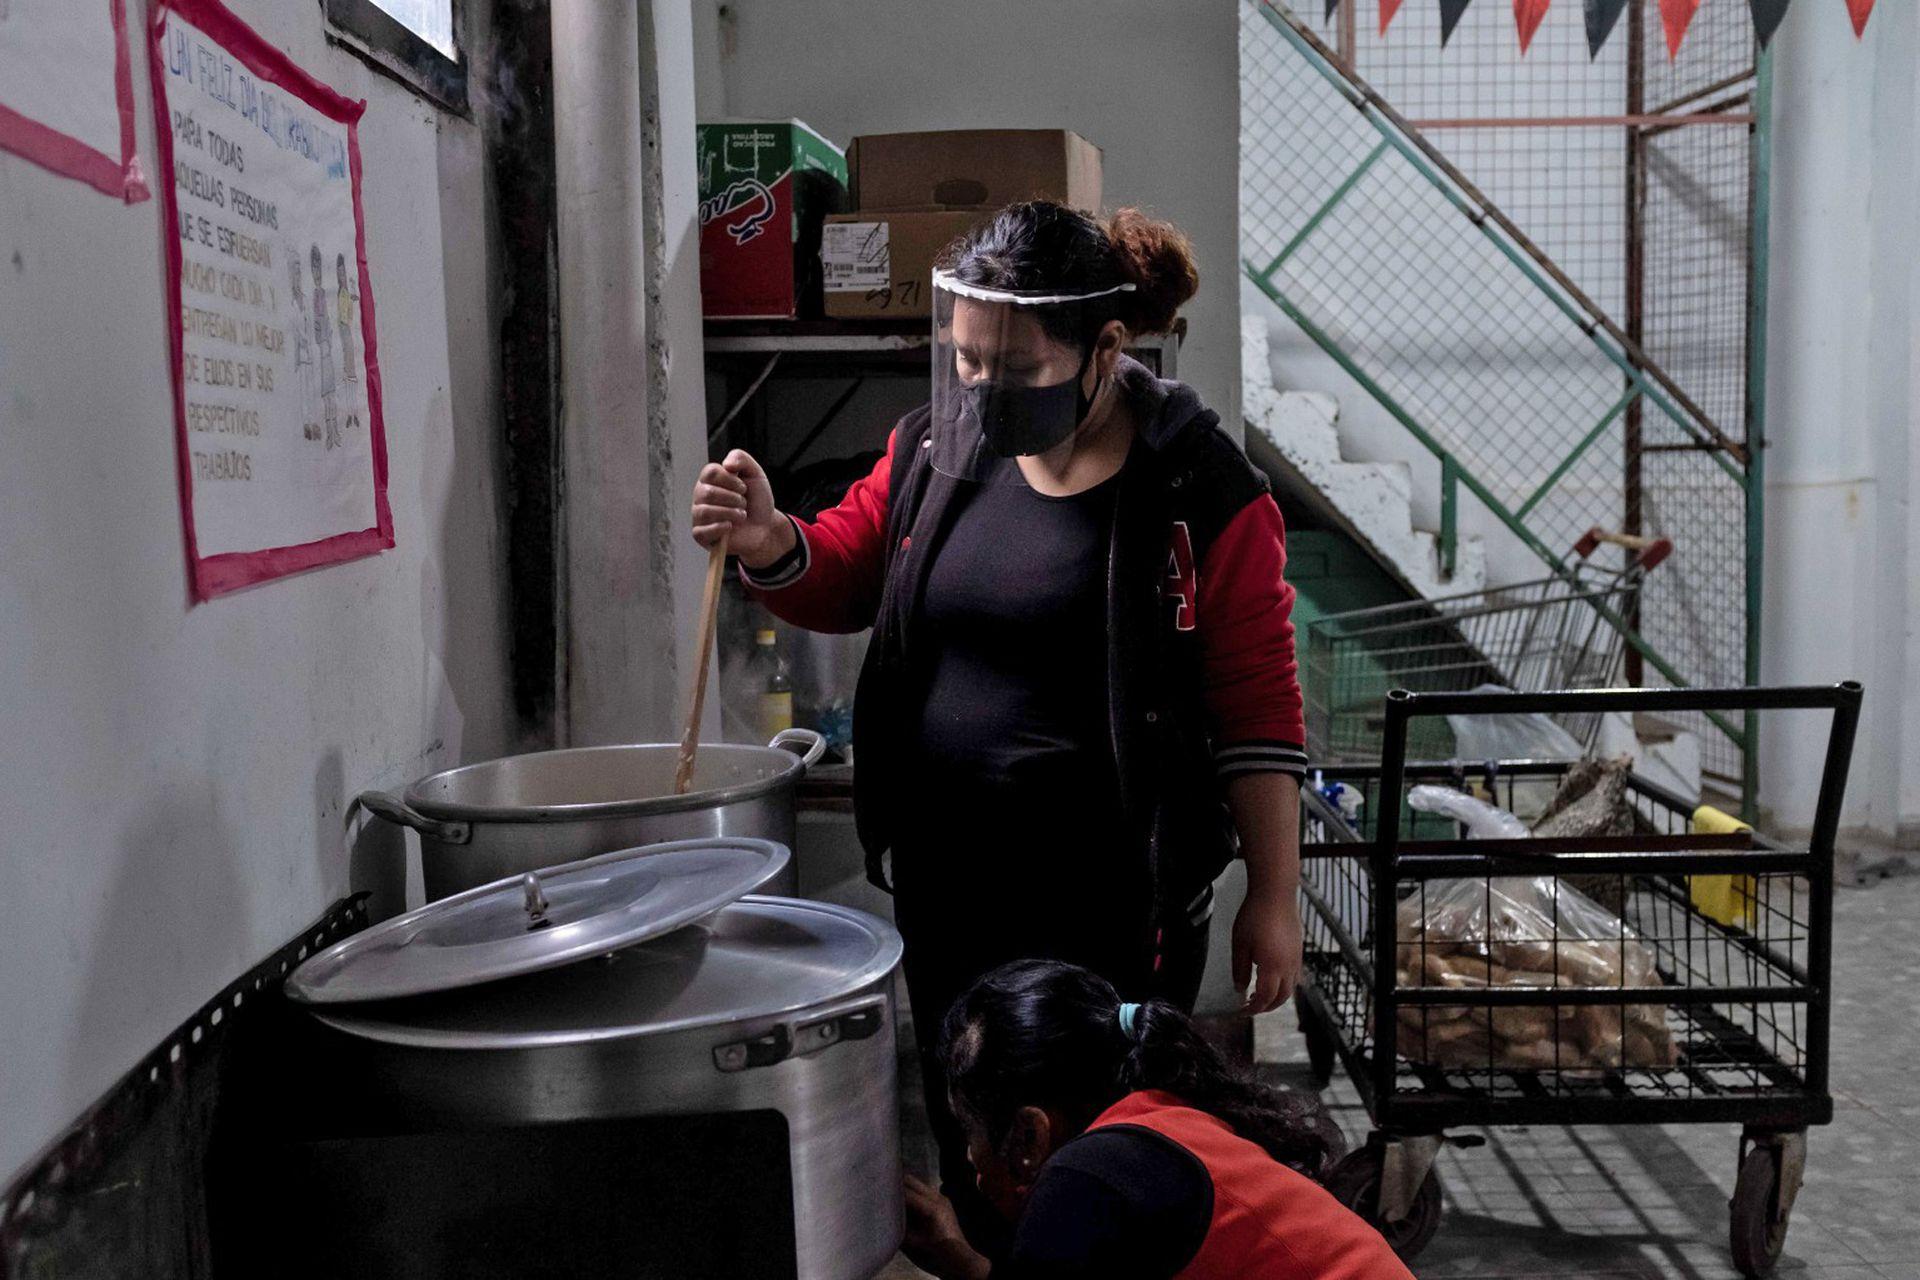 Ana Gamarra es coordinadora de uno de los comedores del FOL en la villa 1-11-14 del Bajo Flores